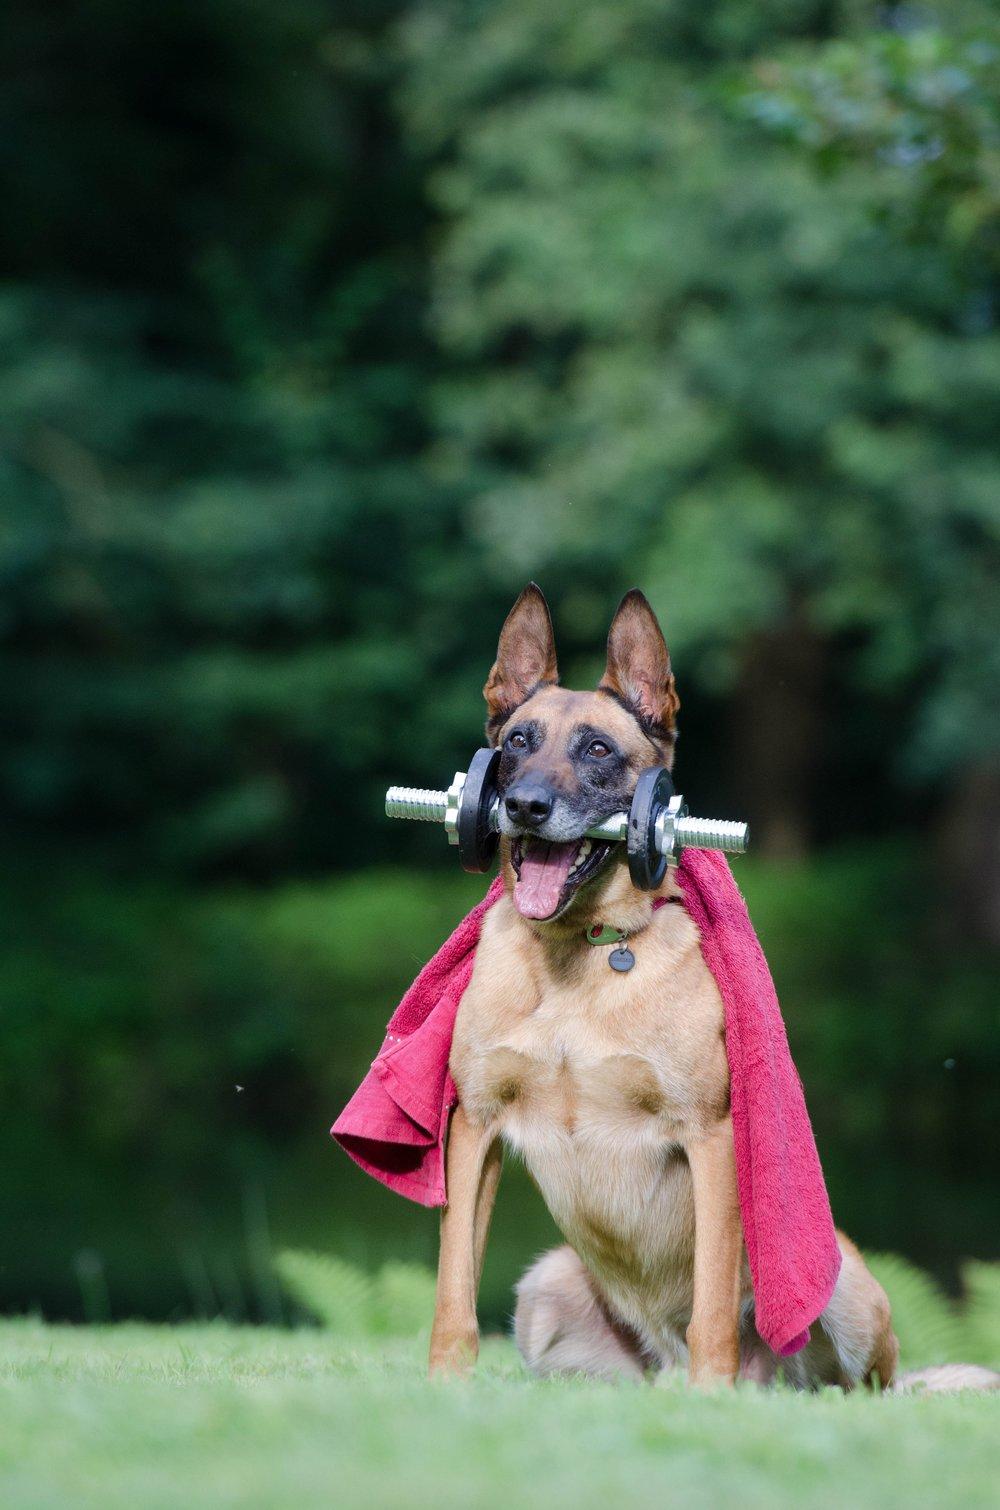 animal-belgian-shepherd-dog-dog-37735.jpg